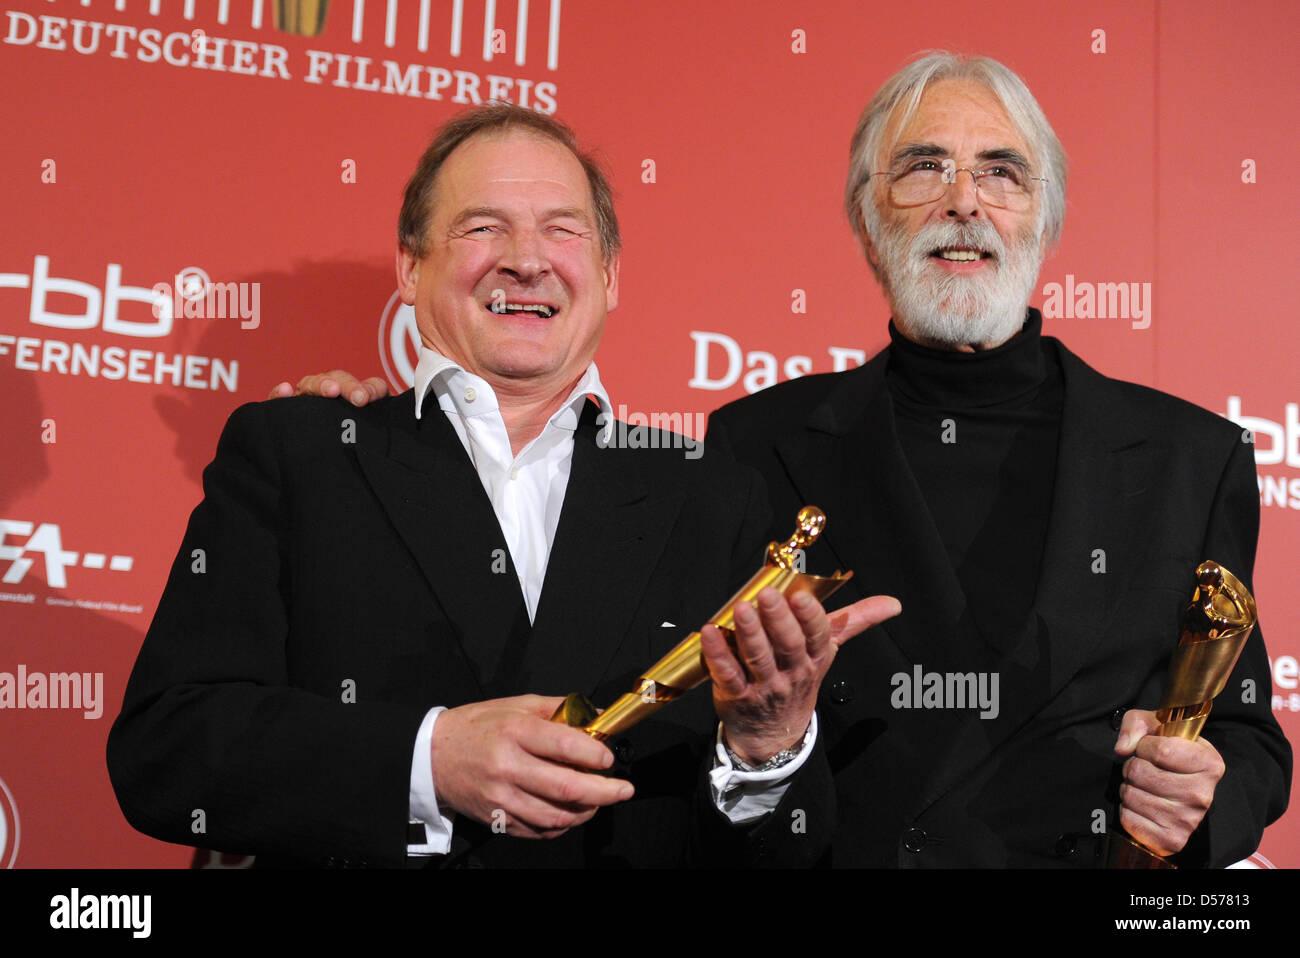 Österreichs Michael Haneke (R) und Filmregisseur Burghart Klaußner zeigen ihre Auszeichnungen bei der deutsche Film Stockfoto